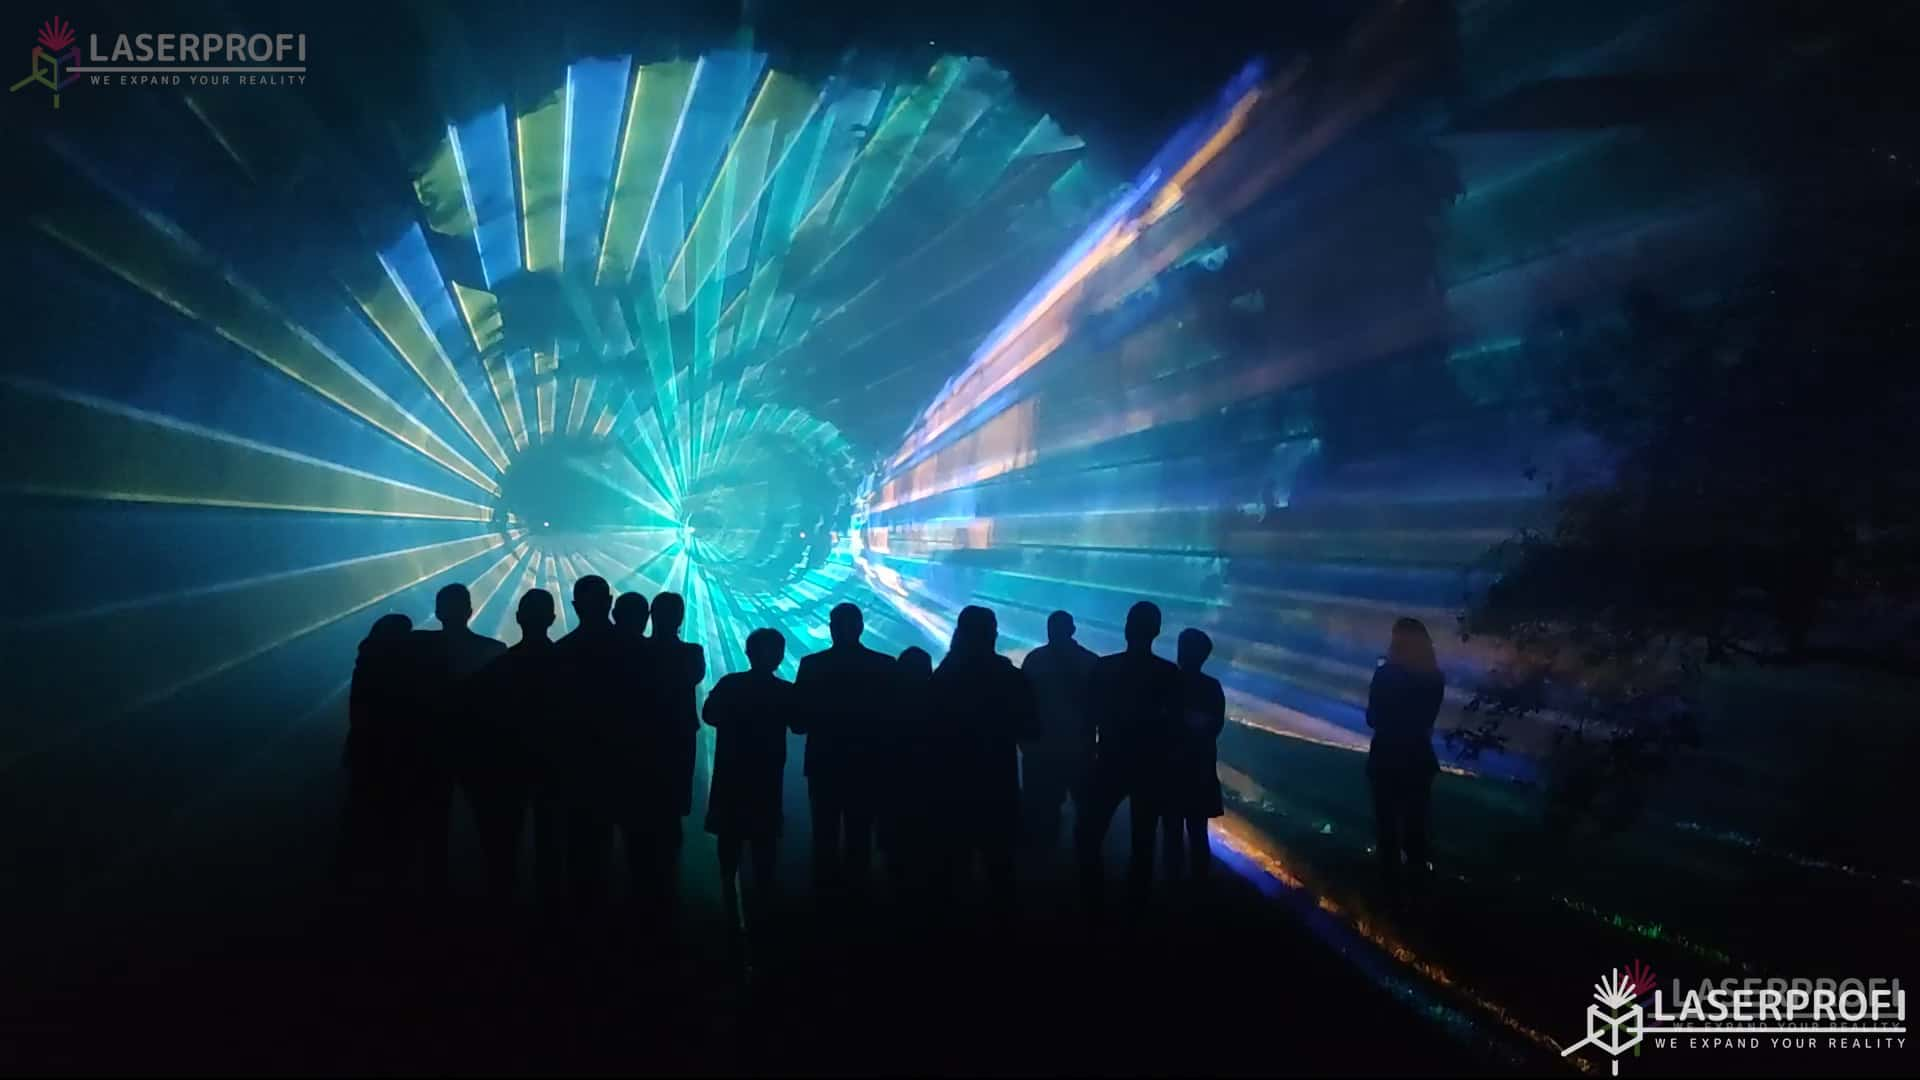 Pokaz laserów na 60 urodziny - niebieskie laserowe tunele